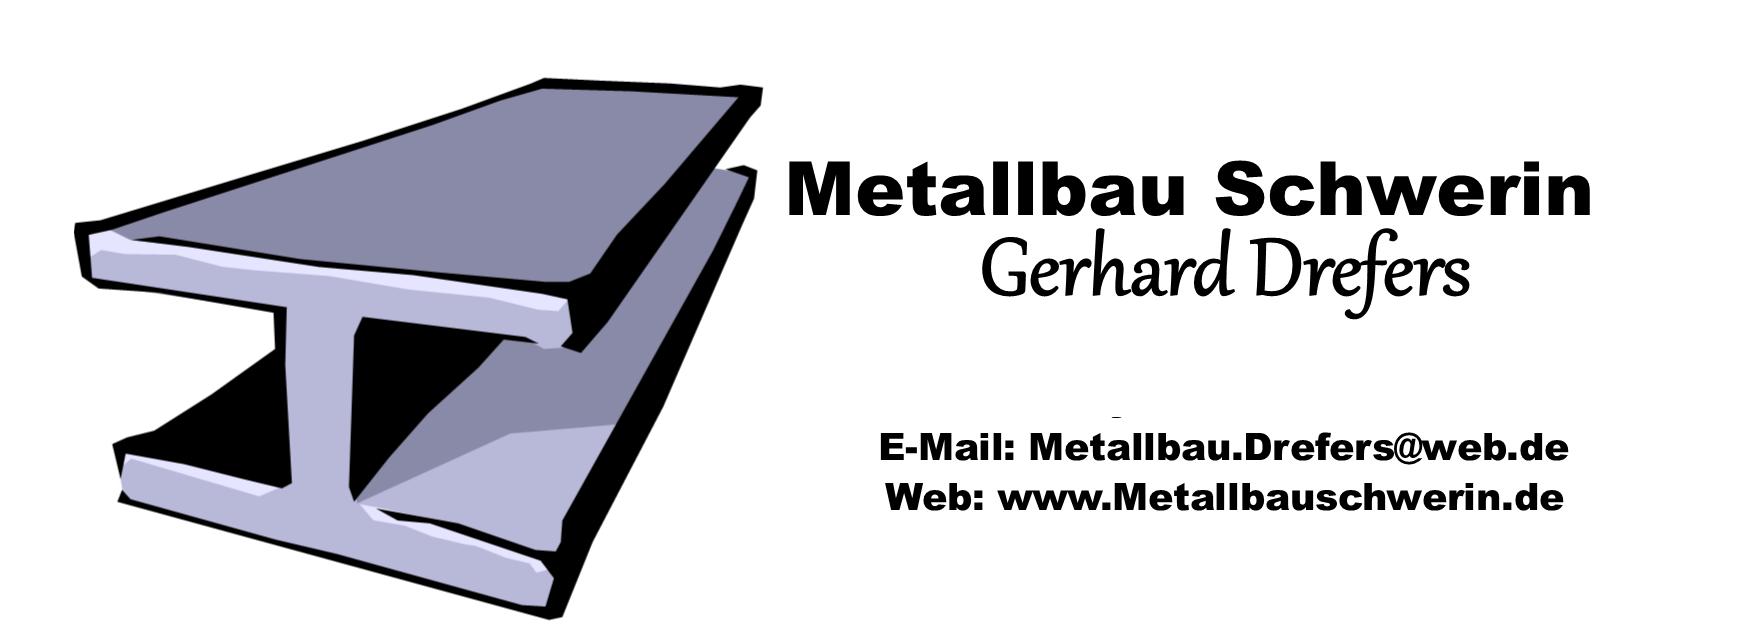 Metallbau Schwerin, Gerhard Drefers